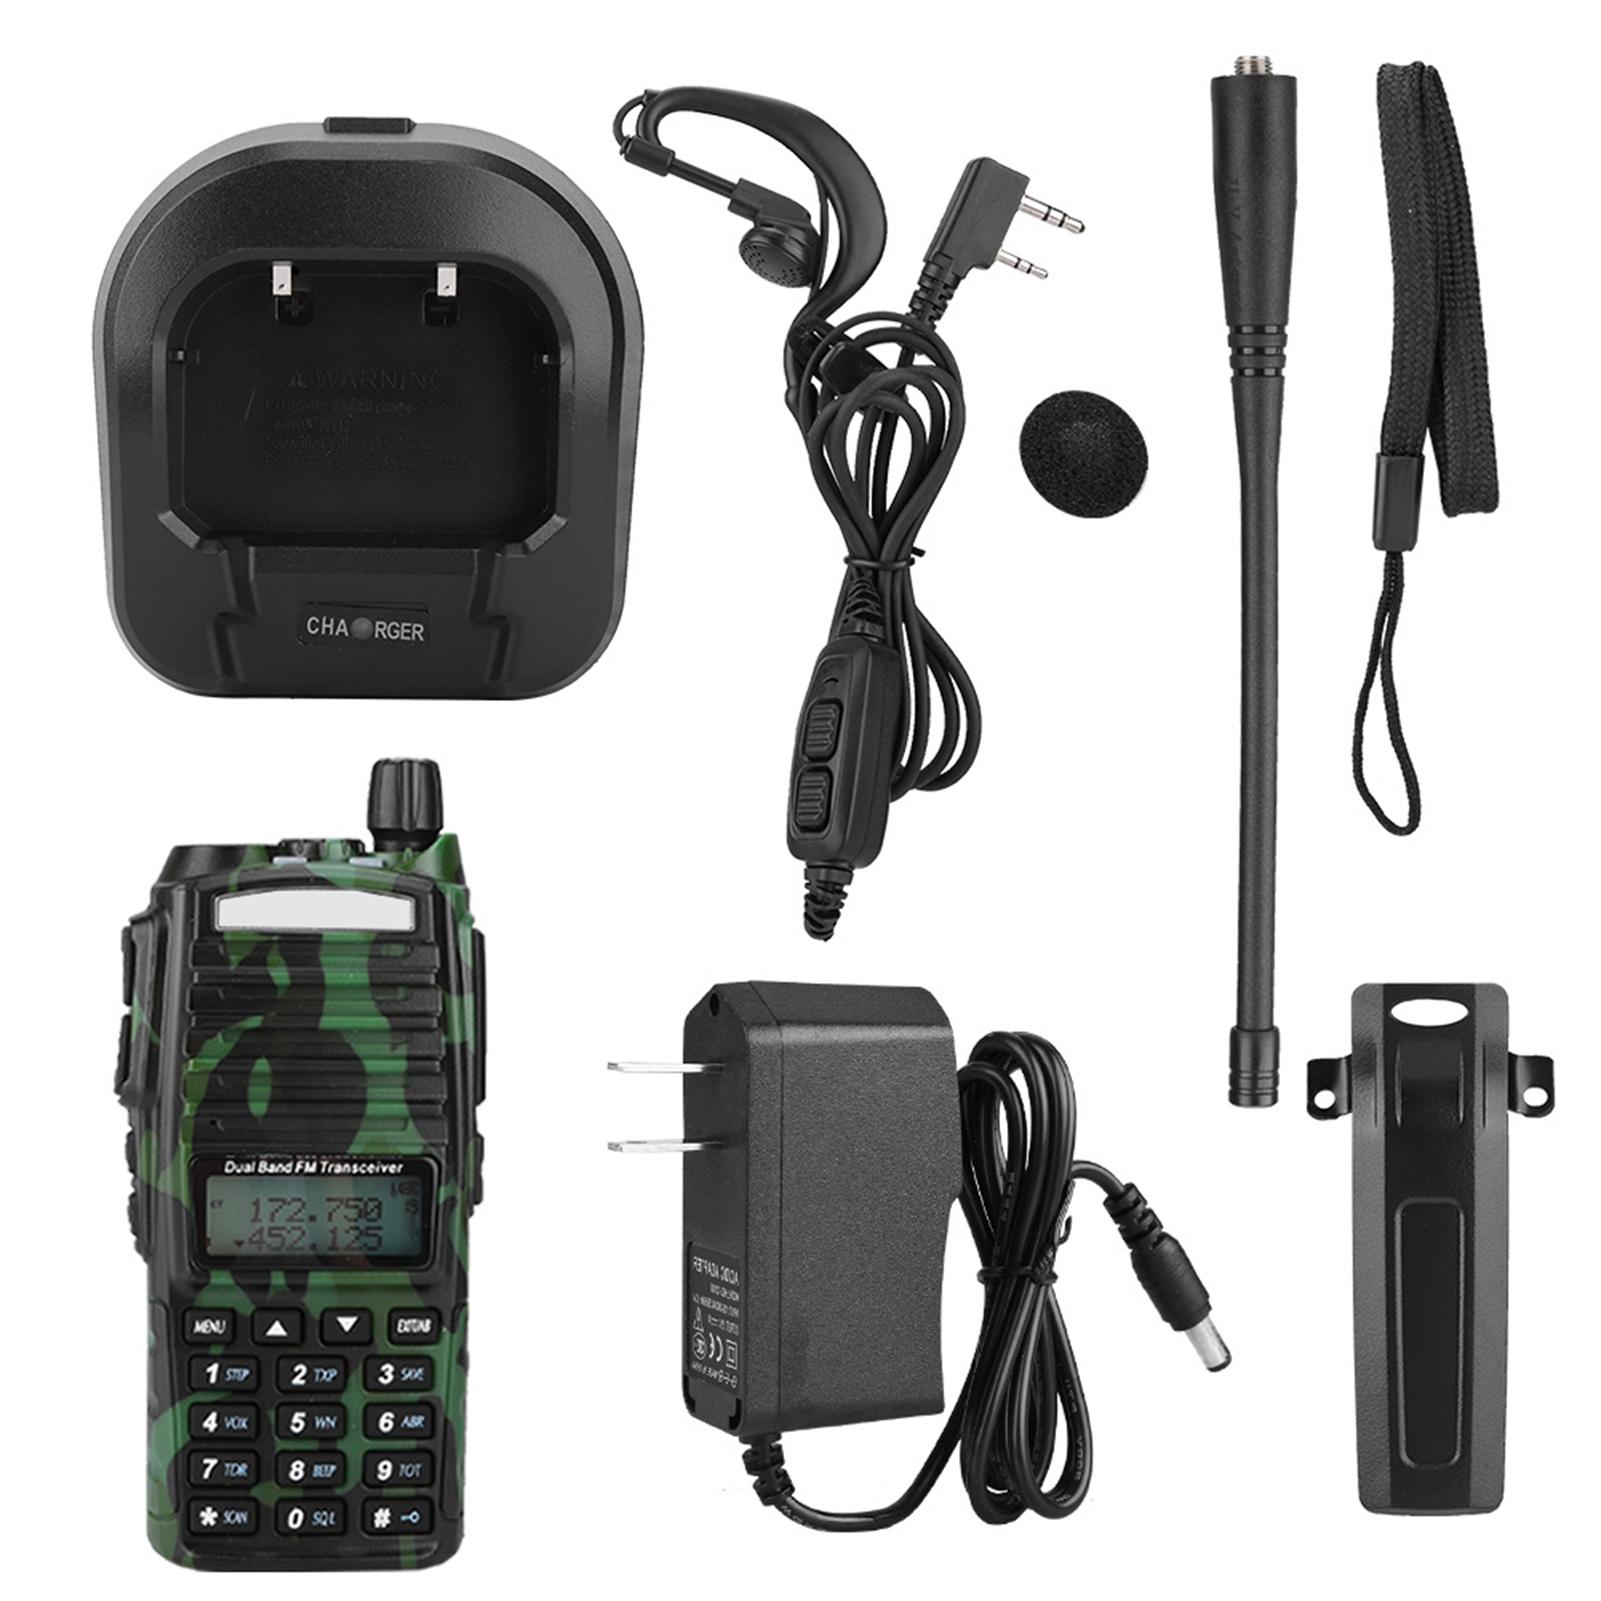 UHF-VHF-Dual-Band-Walkie-Talkie-Intercom-Radio-for-Baofeng-UV-82-UV9R-UV9R-Plus thumbnail 14